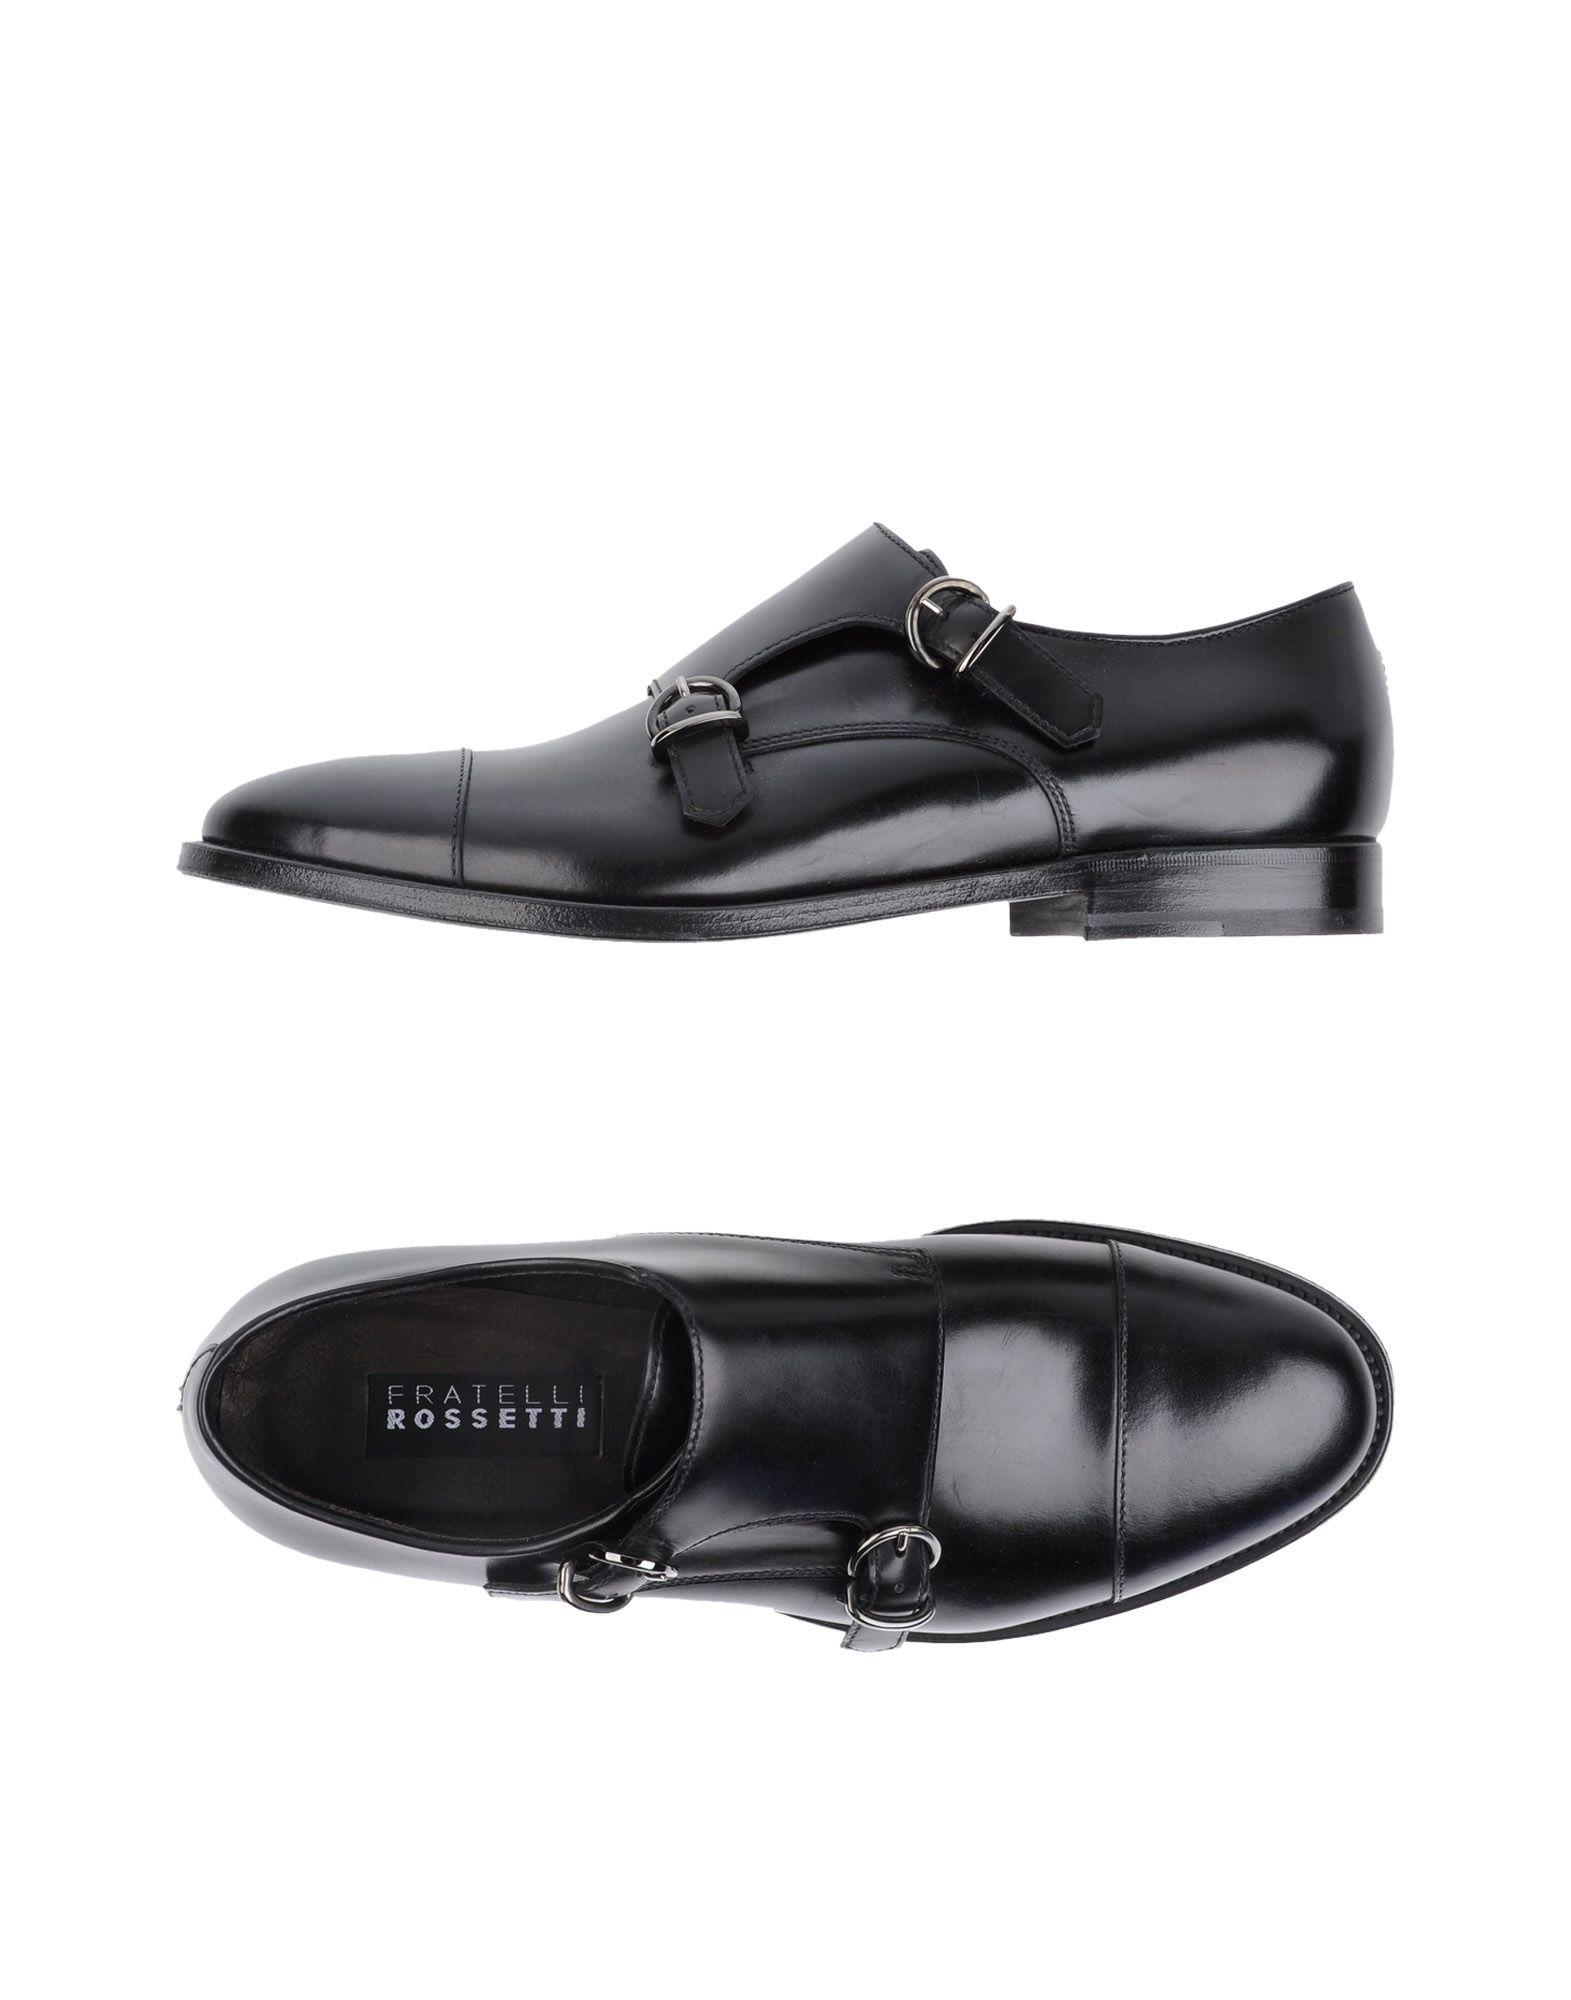 Fratelli Rossetti Schnürschuhe Herren  11332093DN Gute Qualität beliebte Schuhe